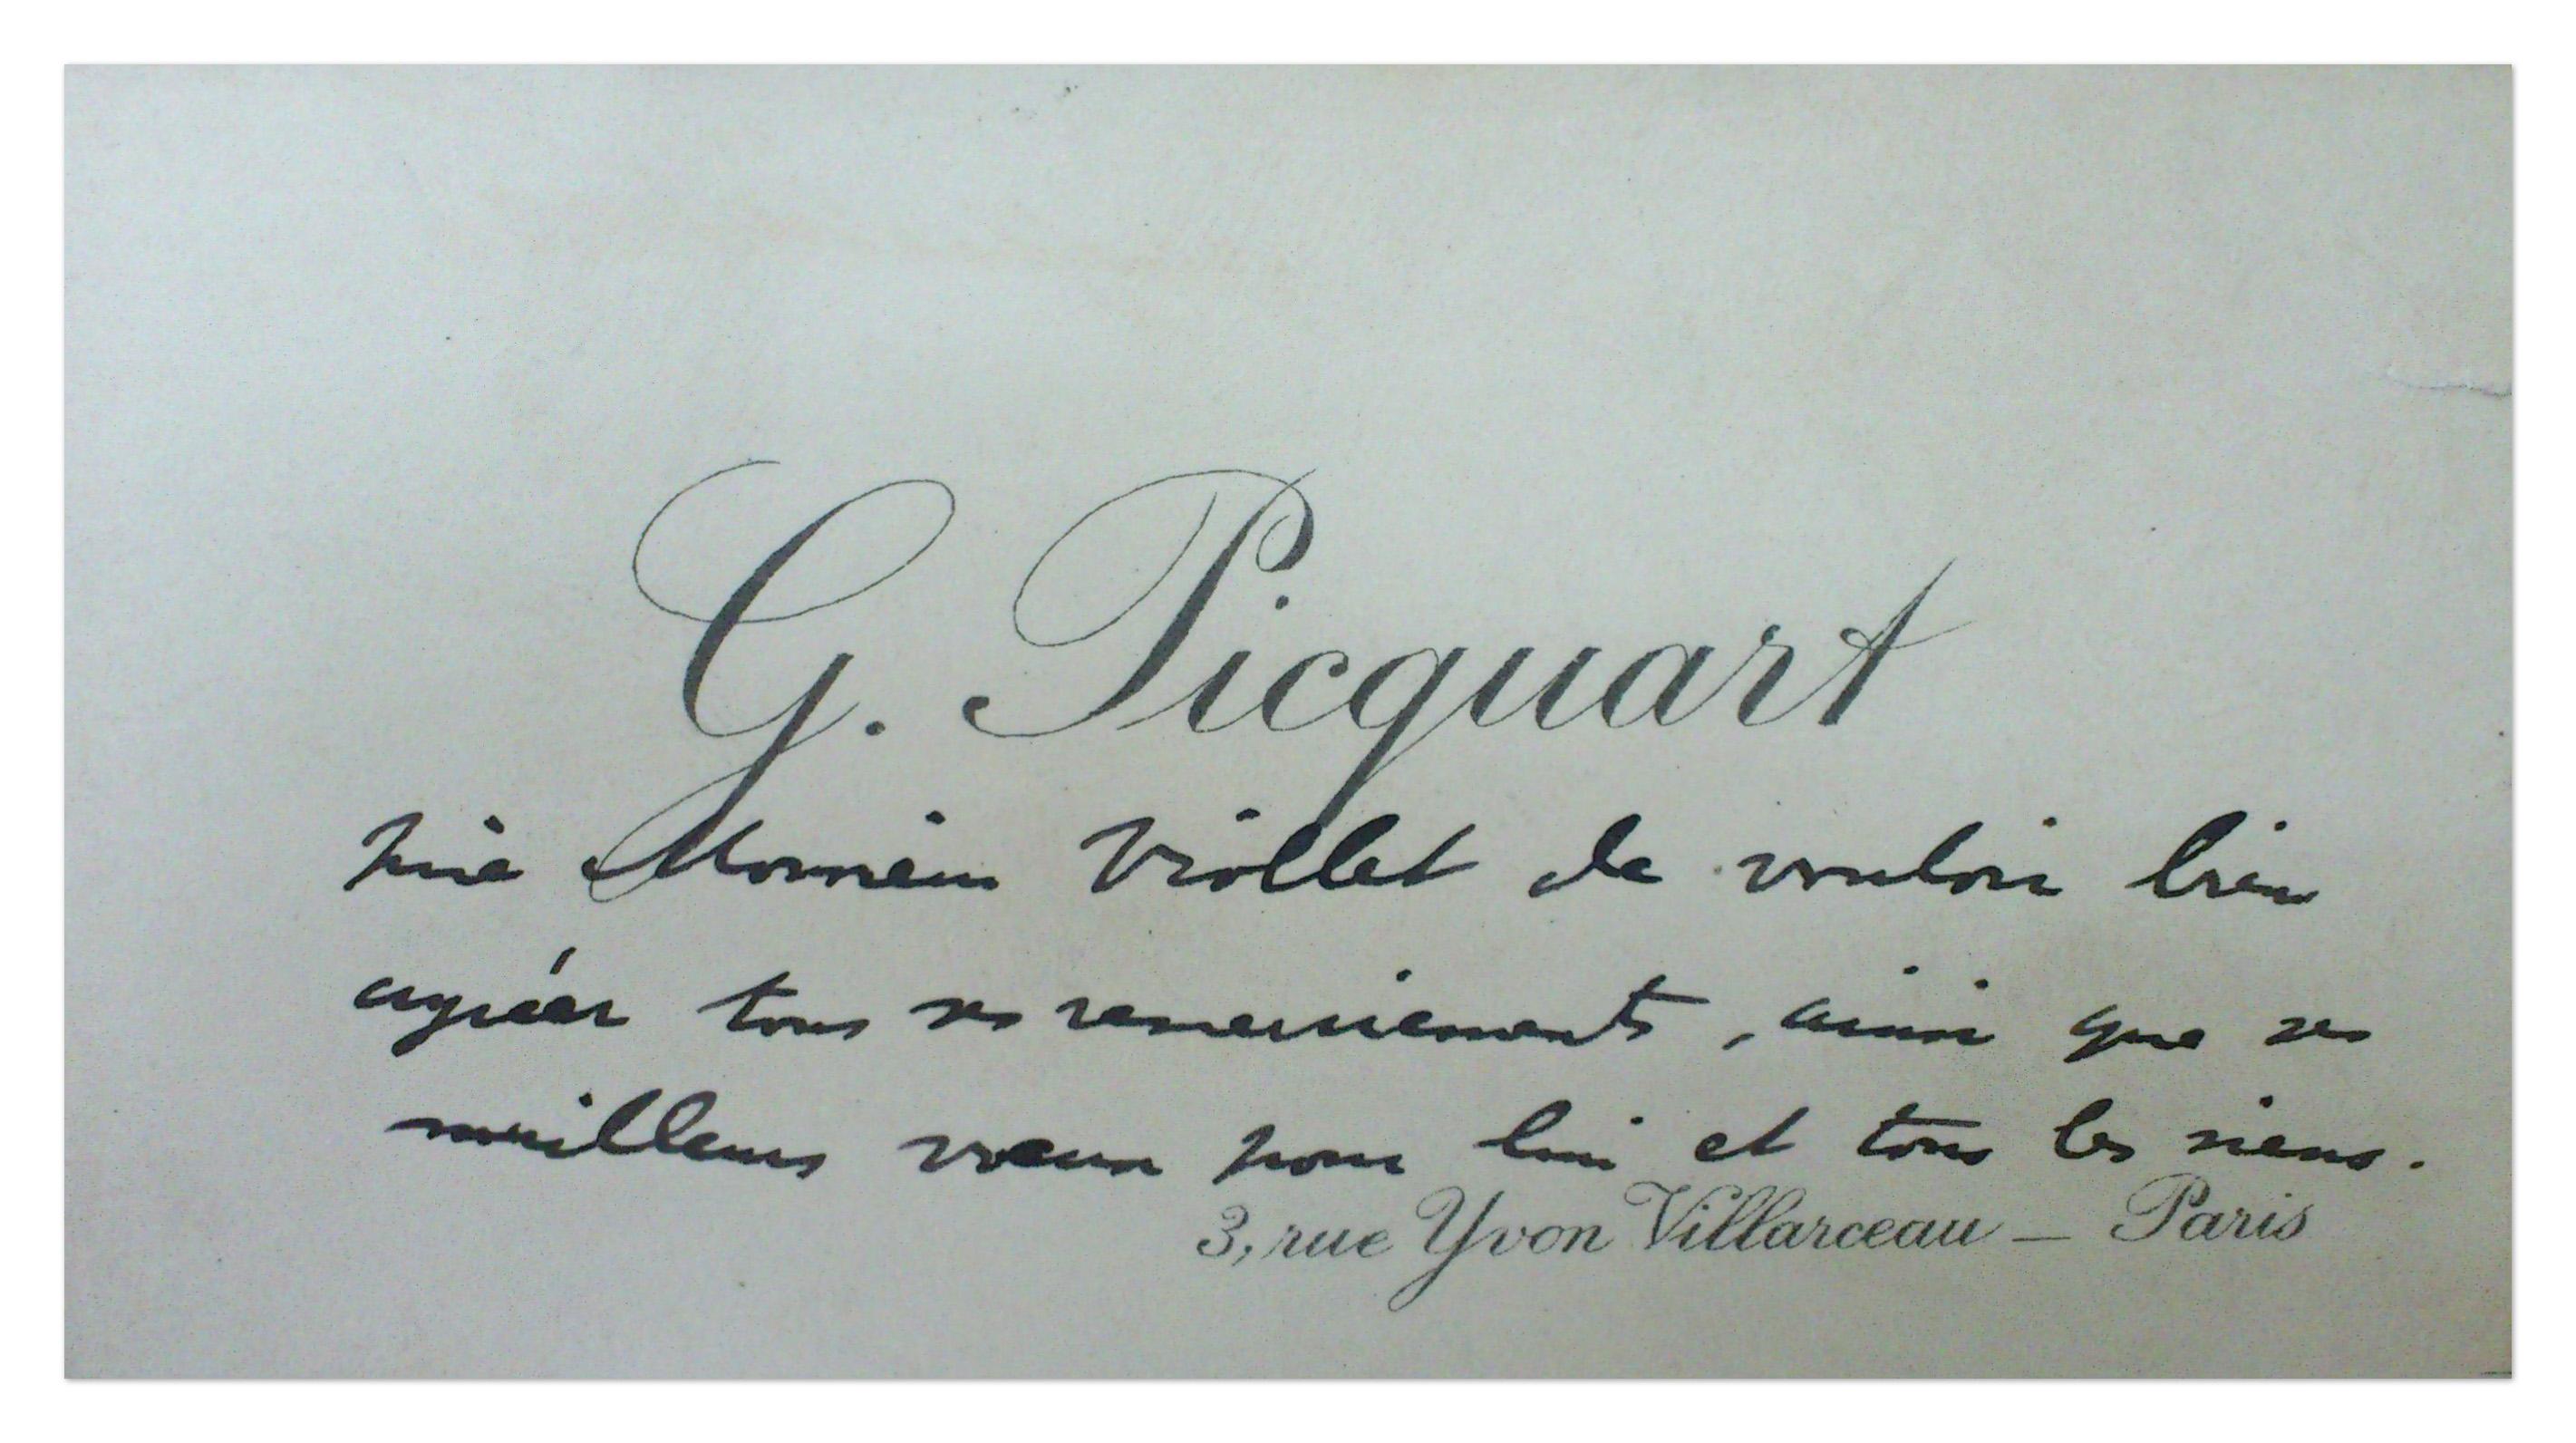 Carte de remerciement et de voeux du colonel Picquart à Paul Viollet